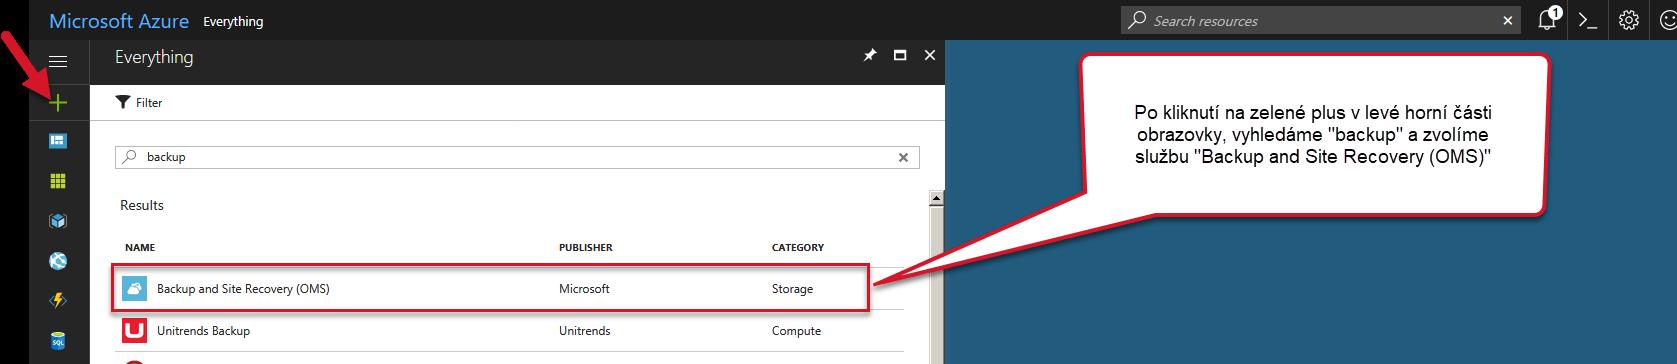 Azure - výběr služby